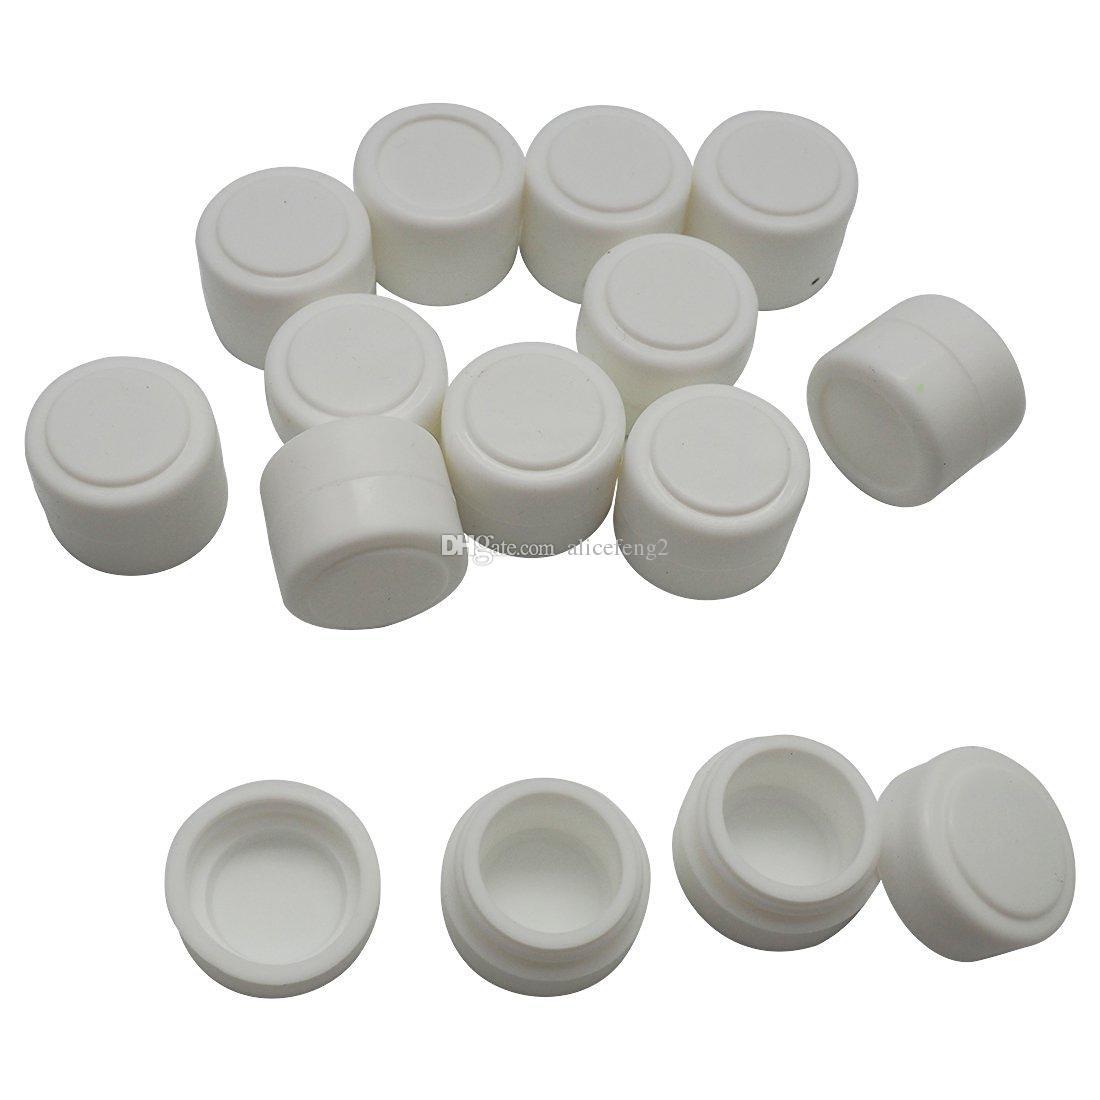 200 x Non-stick Silicone Recipiente Para Cera Bho Óleo Butano Vaporizador Silicon Jars Dab Wax Container OD 22 * ID 16 * T17 MM